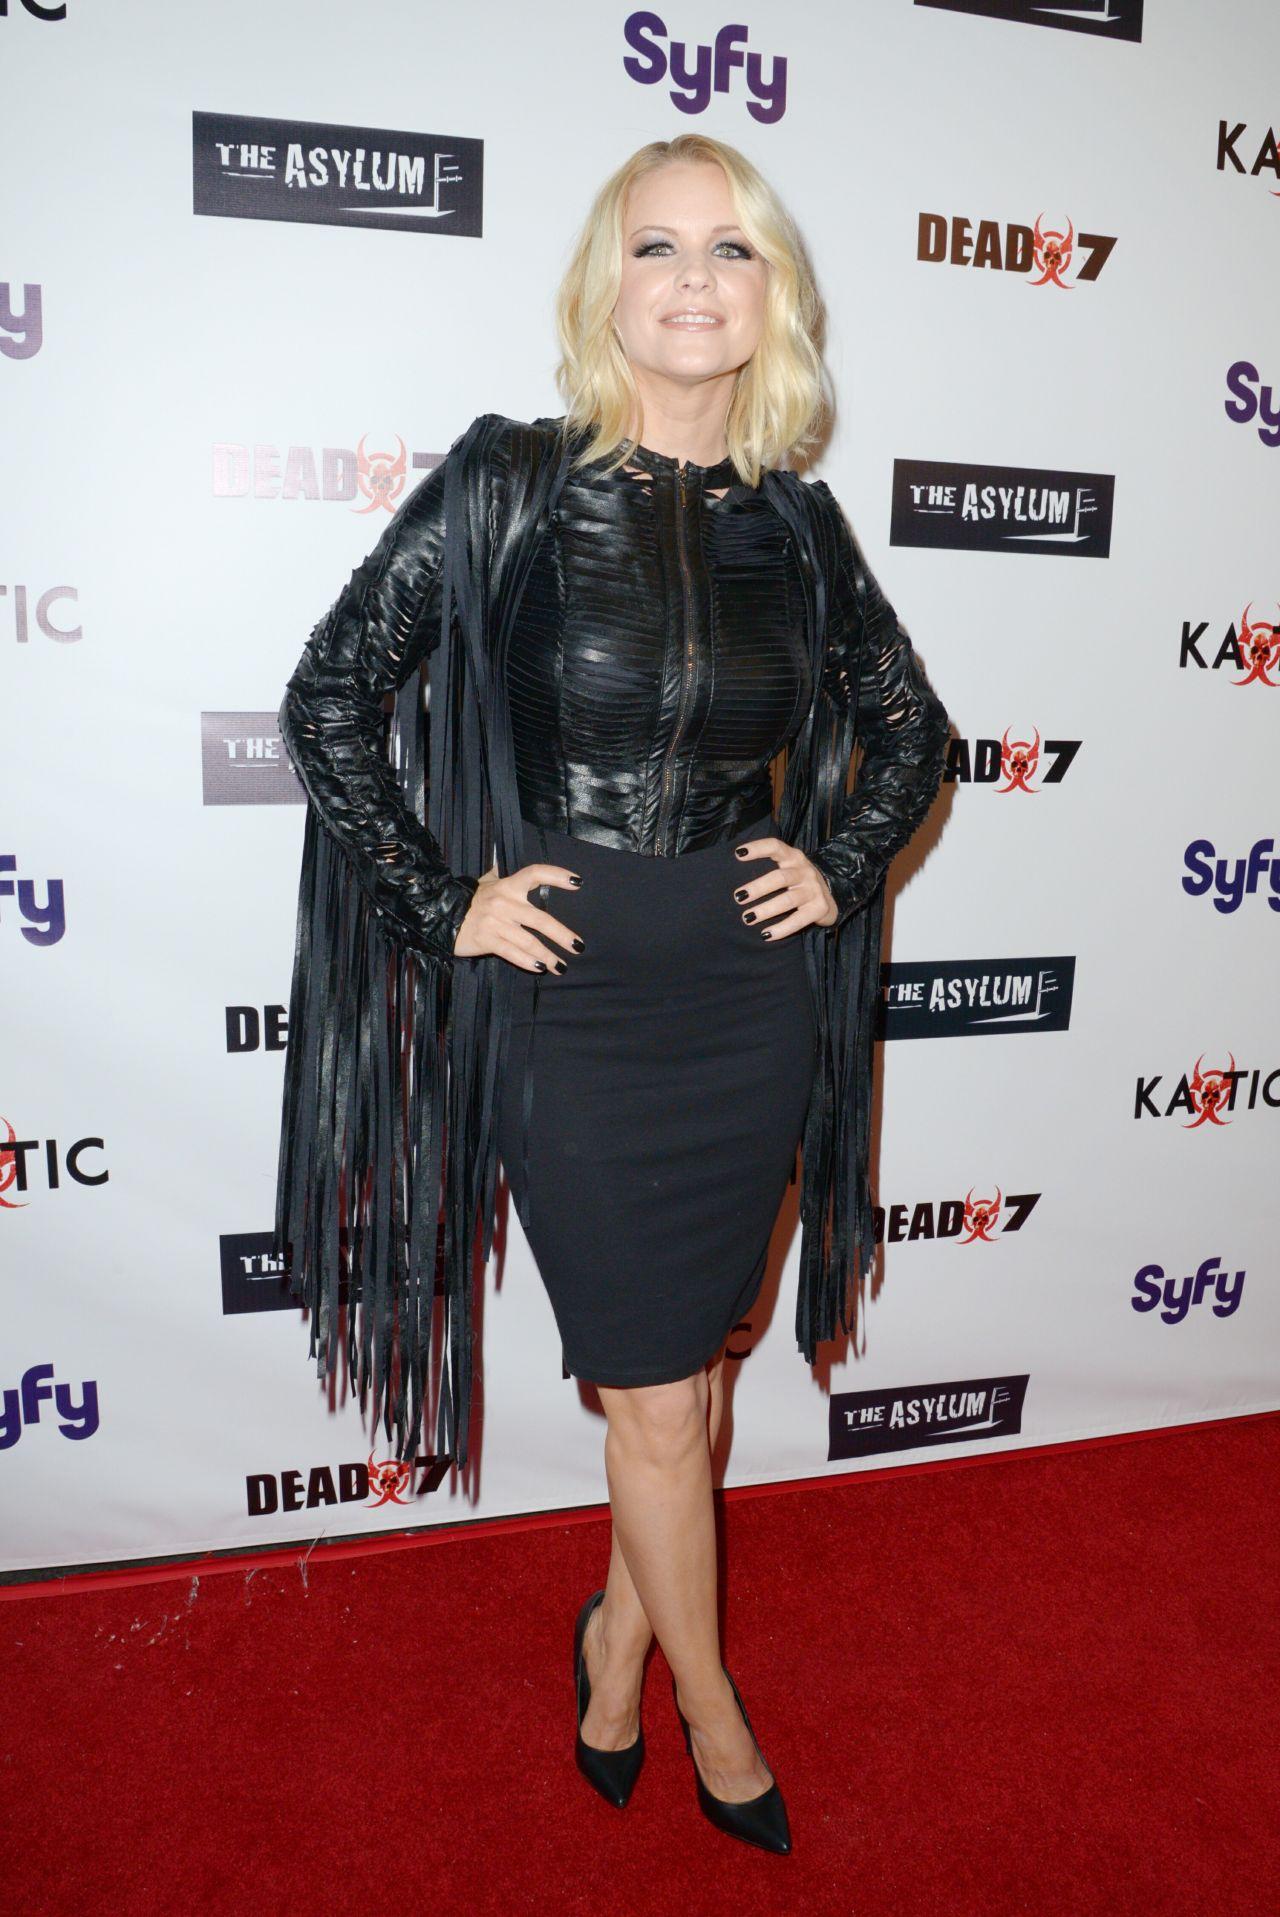 Carrie Keagan Syfy S Dead 7 Premiere In Los Angeles